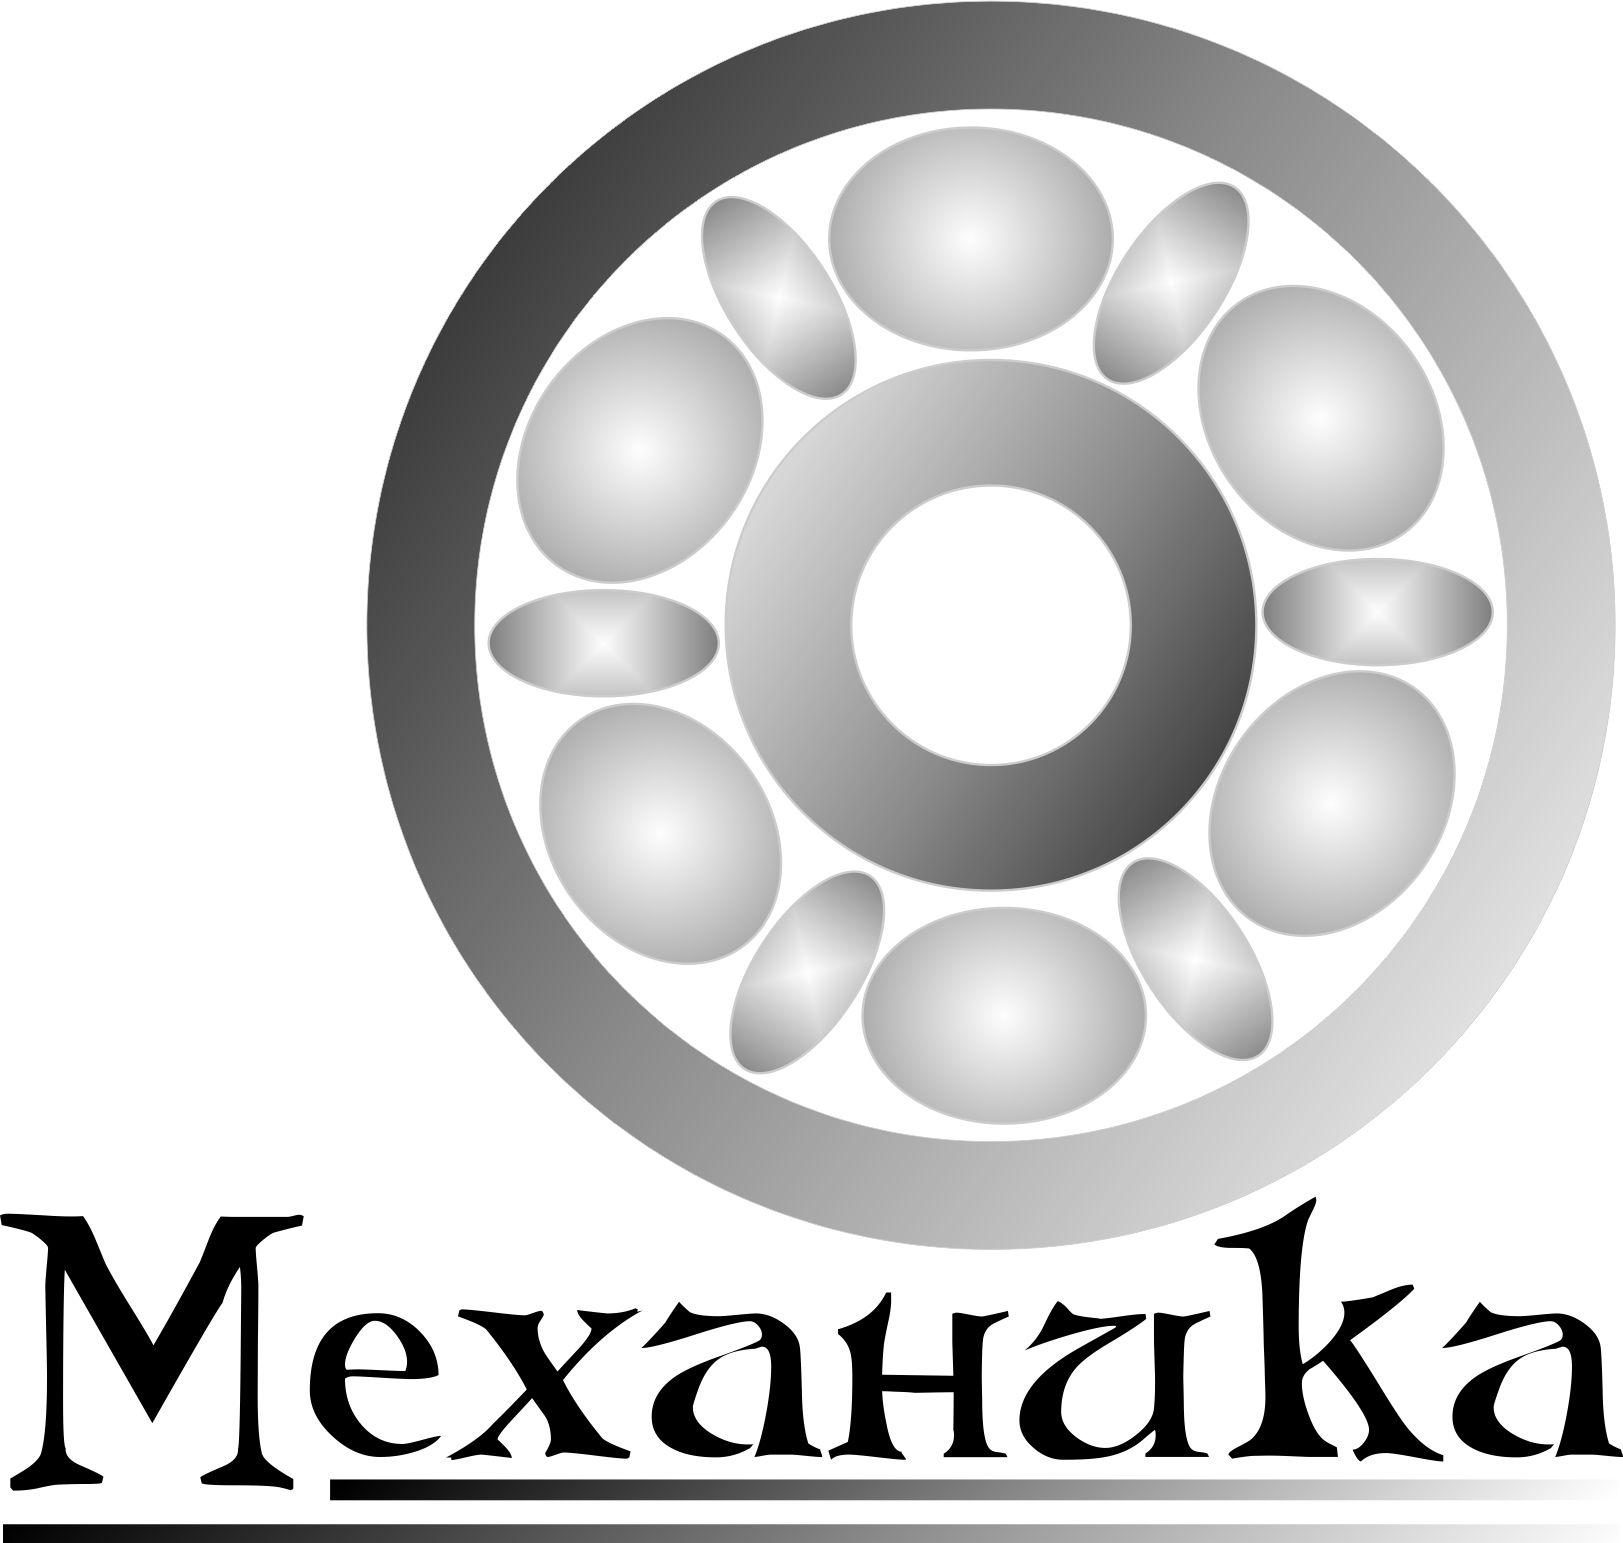 Логотип для магазина автозапчасти 'Механика' - дизайнер jeniulka